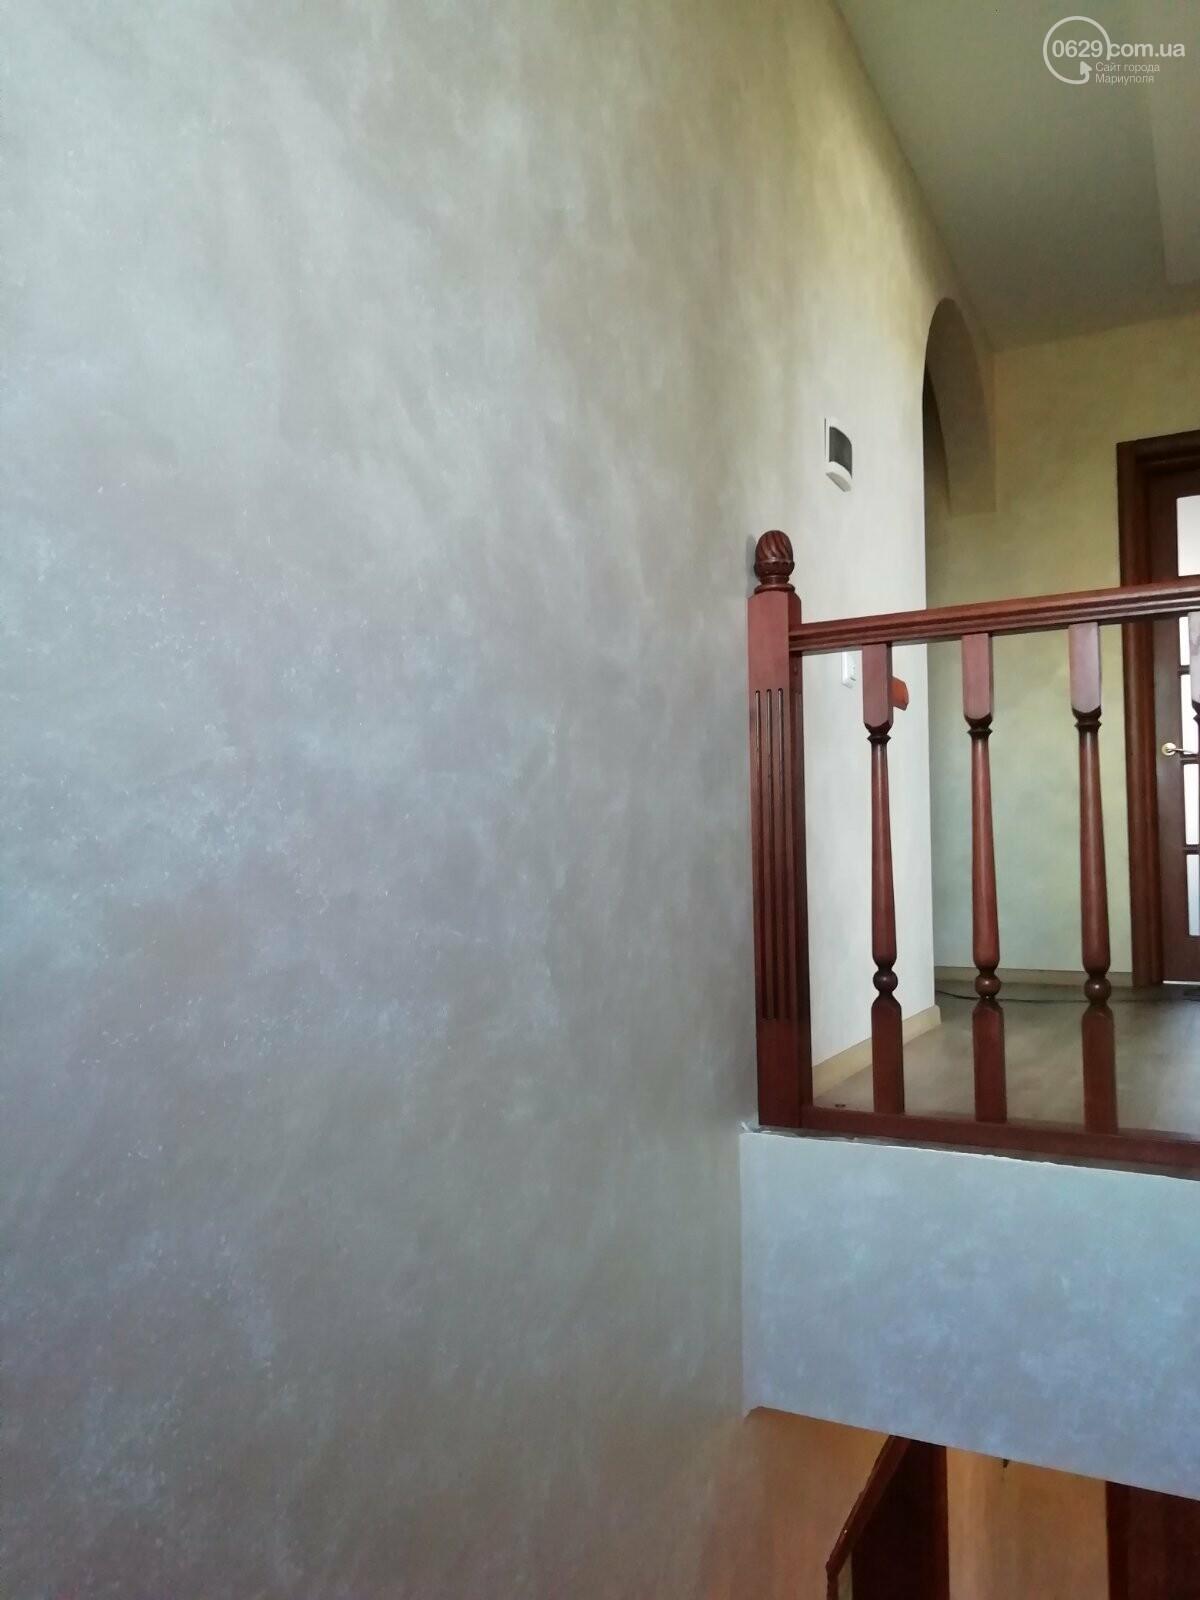 Как легко сделать ремонт в квартире, фото-11